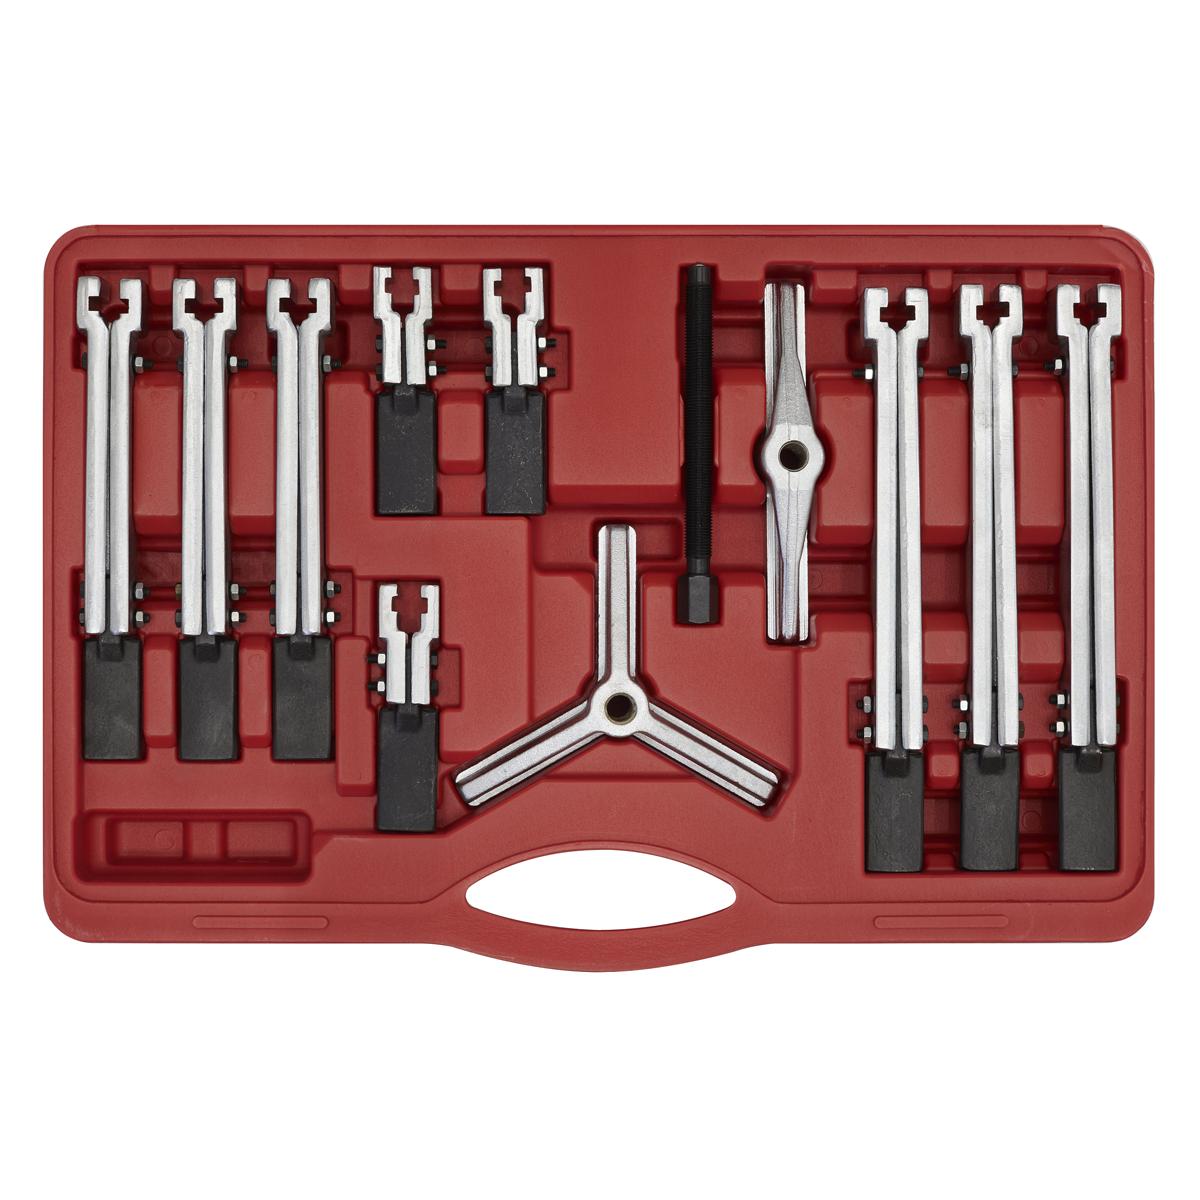 Bearing & Gear Puller Set 12pc